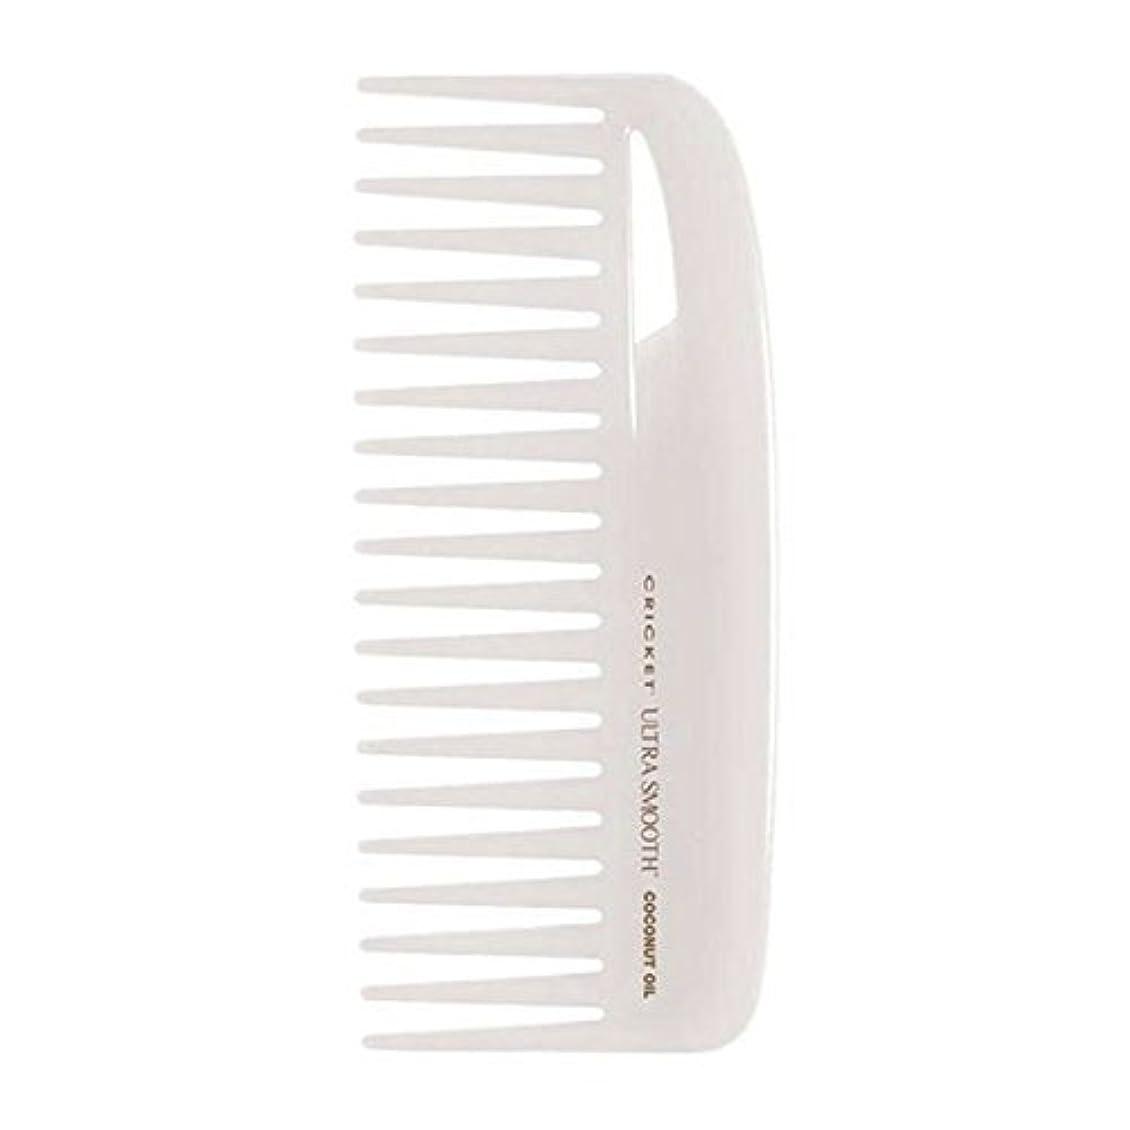 離れた拘束する蒸留するCricket Ultra Smooth Coconut Conditioning Comb, 1 Count [並行輸入品]